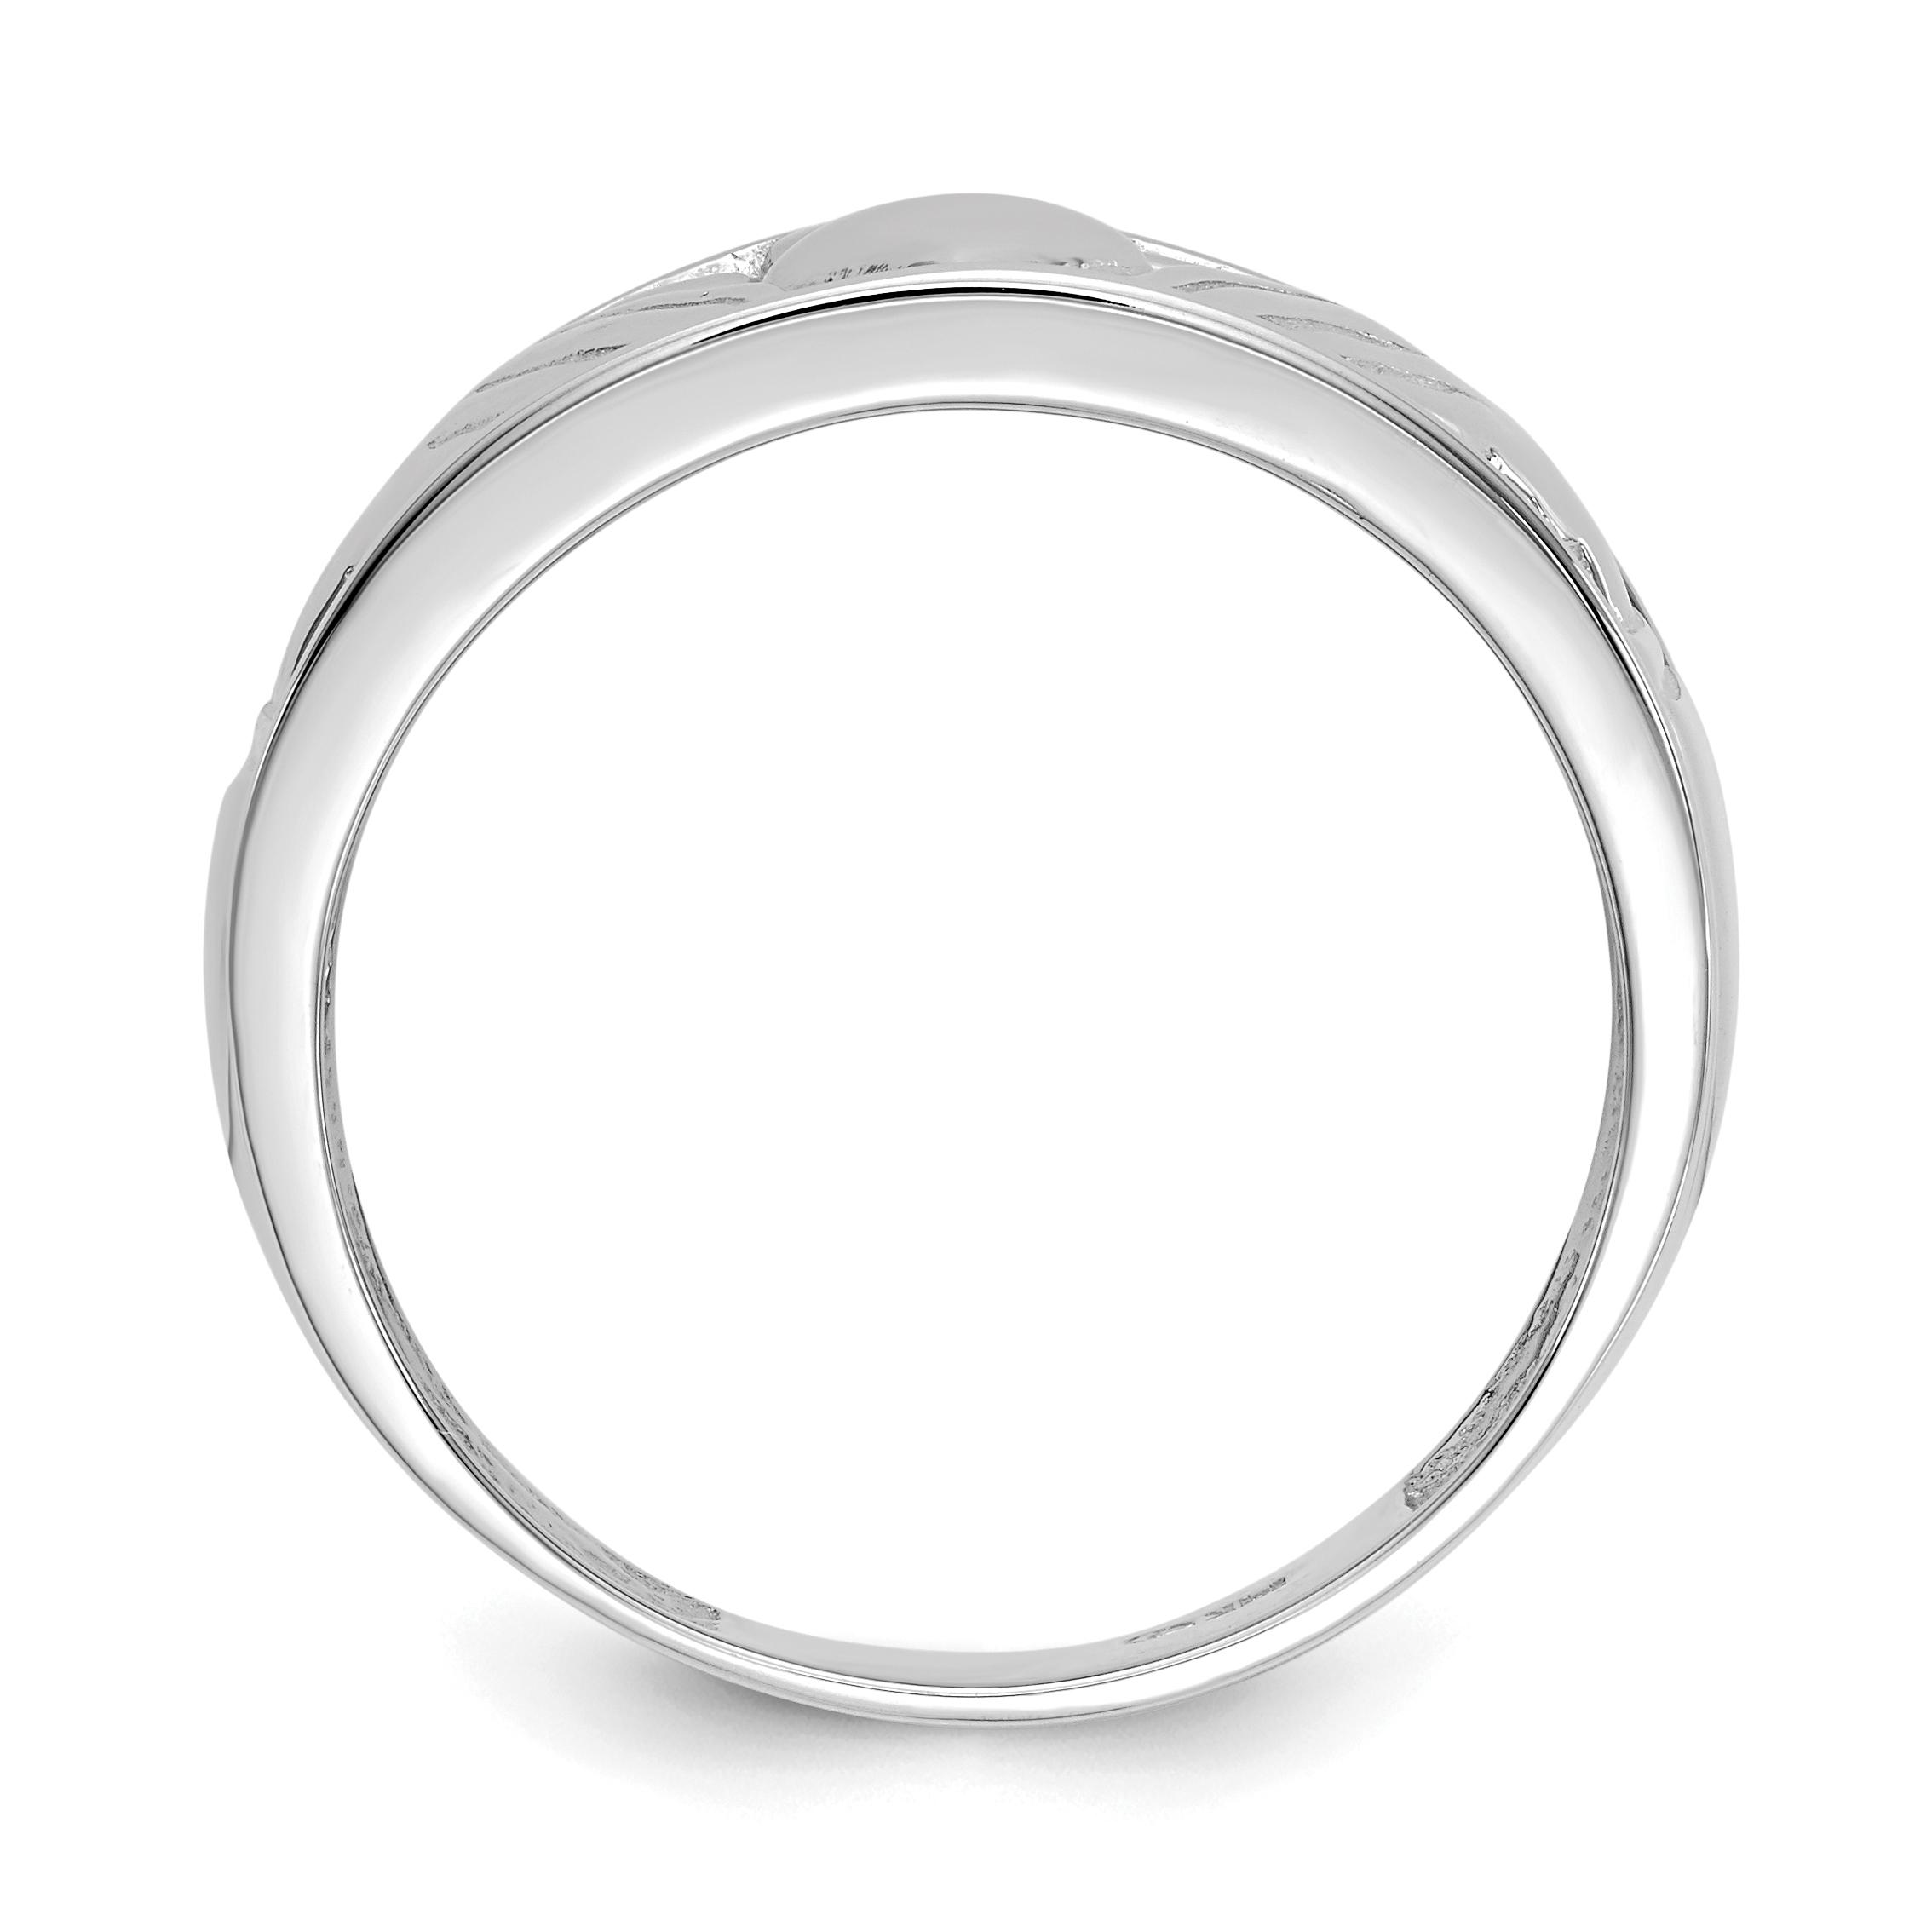 2268x2268 White Gold Open Back Men's Claddagh Ring Ebay